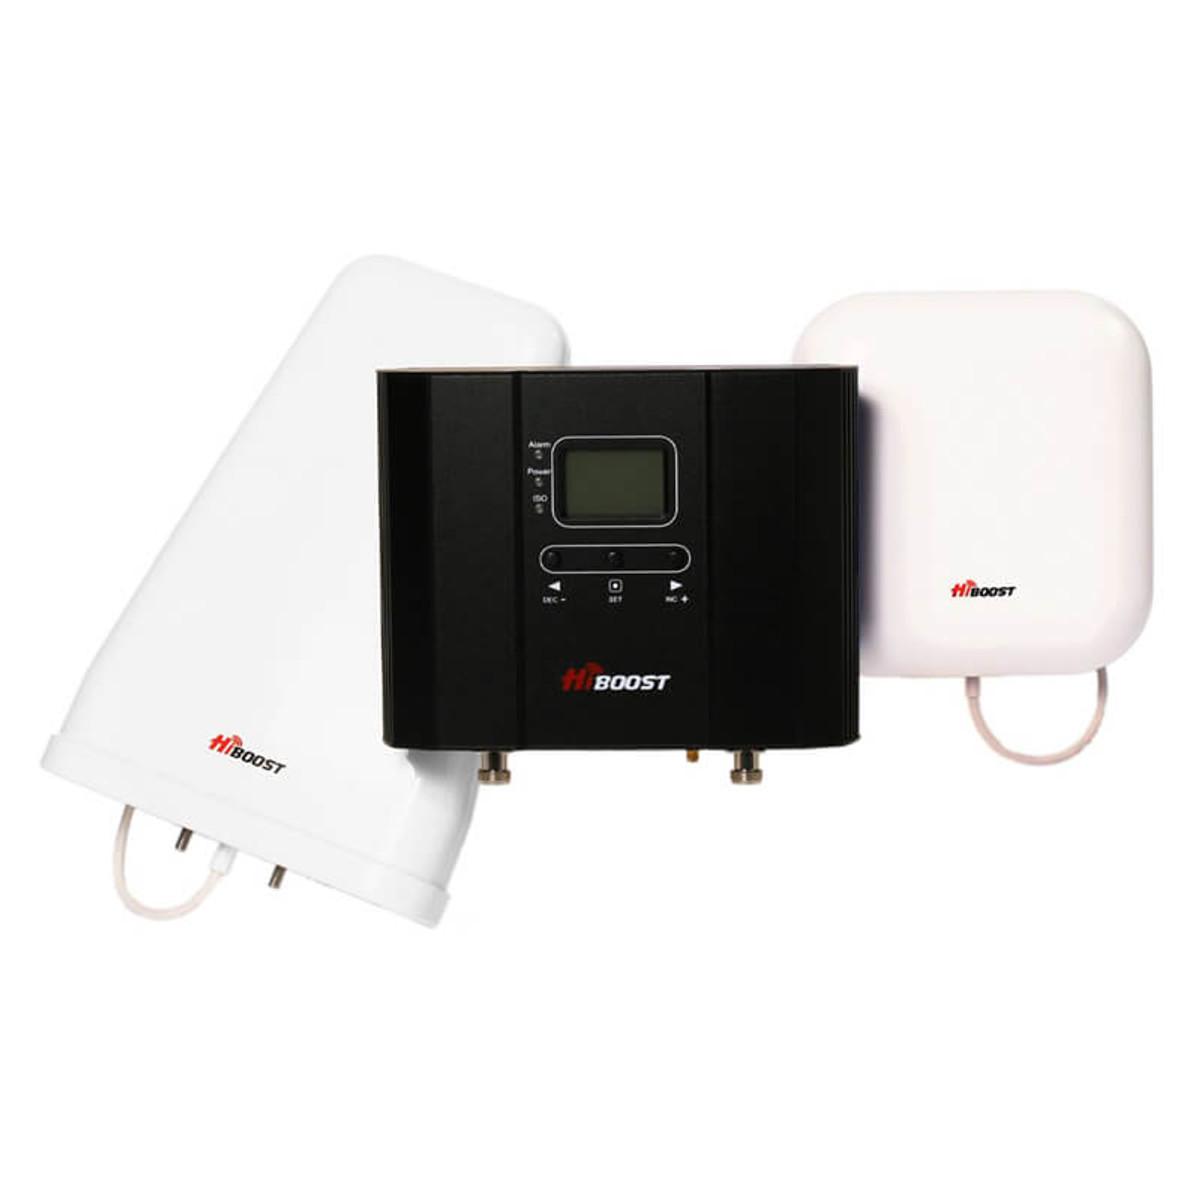 HiBoost Home 10K Smart Link Signal Booster Kit